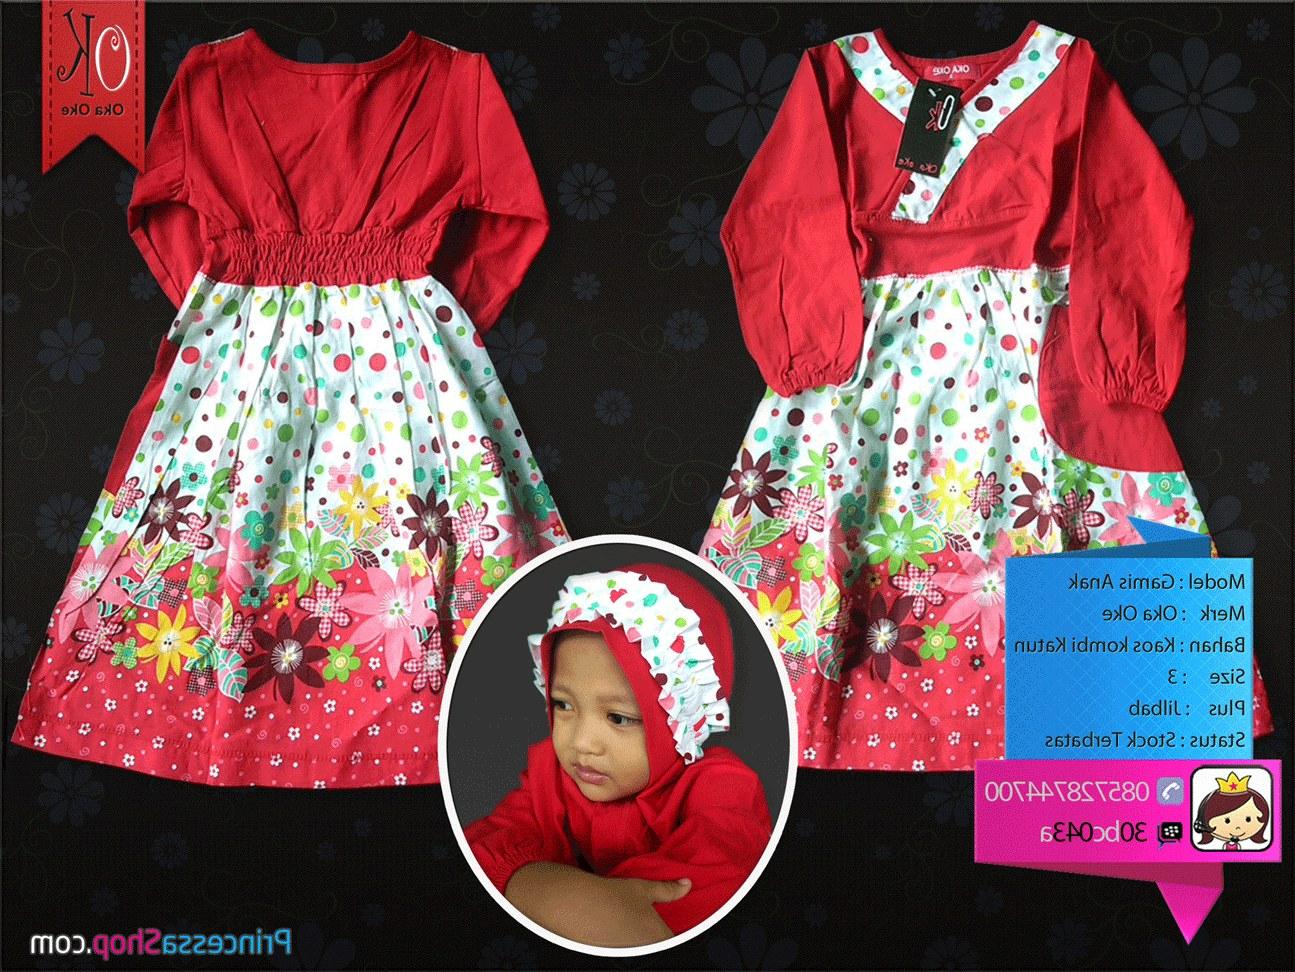 Bentuk Baju Lebaran Anak Perempuan 2 Tahun Gdd0 Model Baju Muslim Anak Perempuan Terbaru